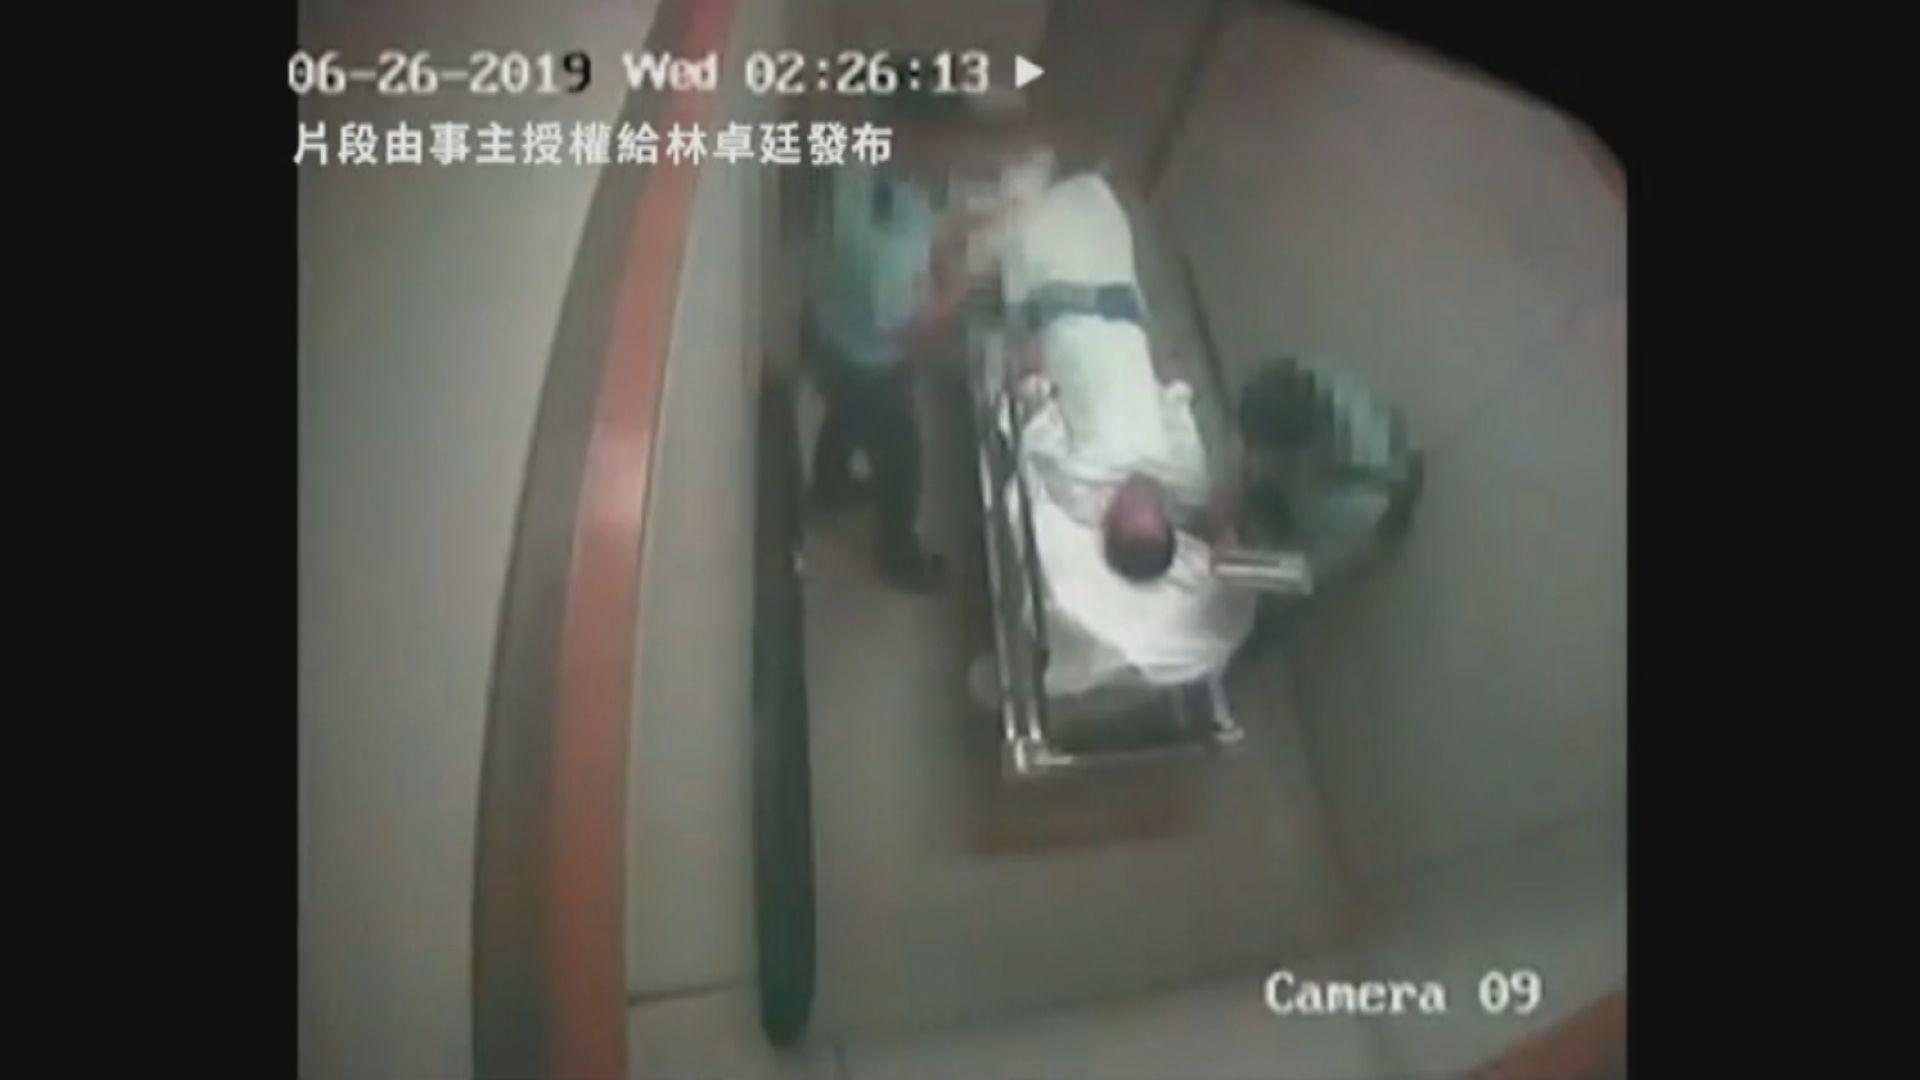 三警北區醫院襲擊老翁 判囚17至32個月